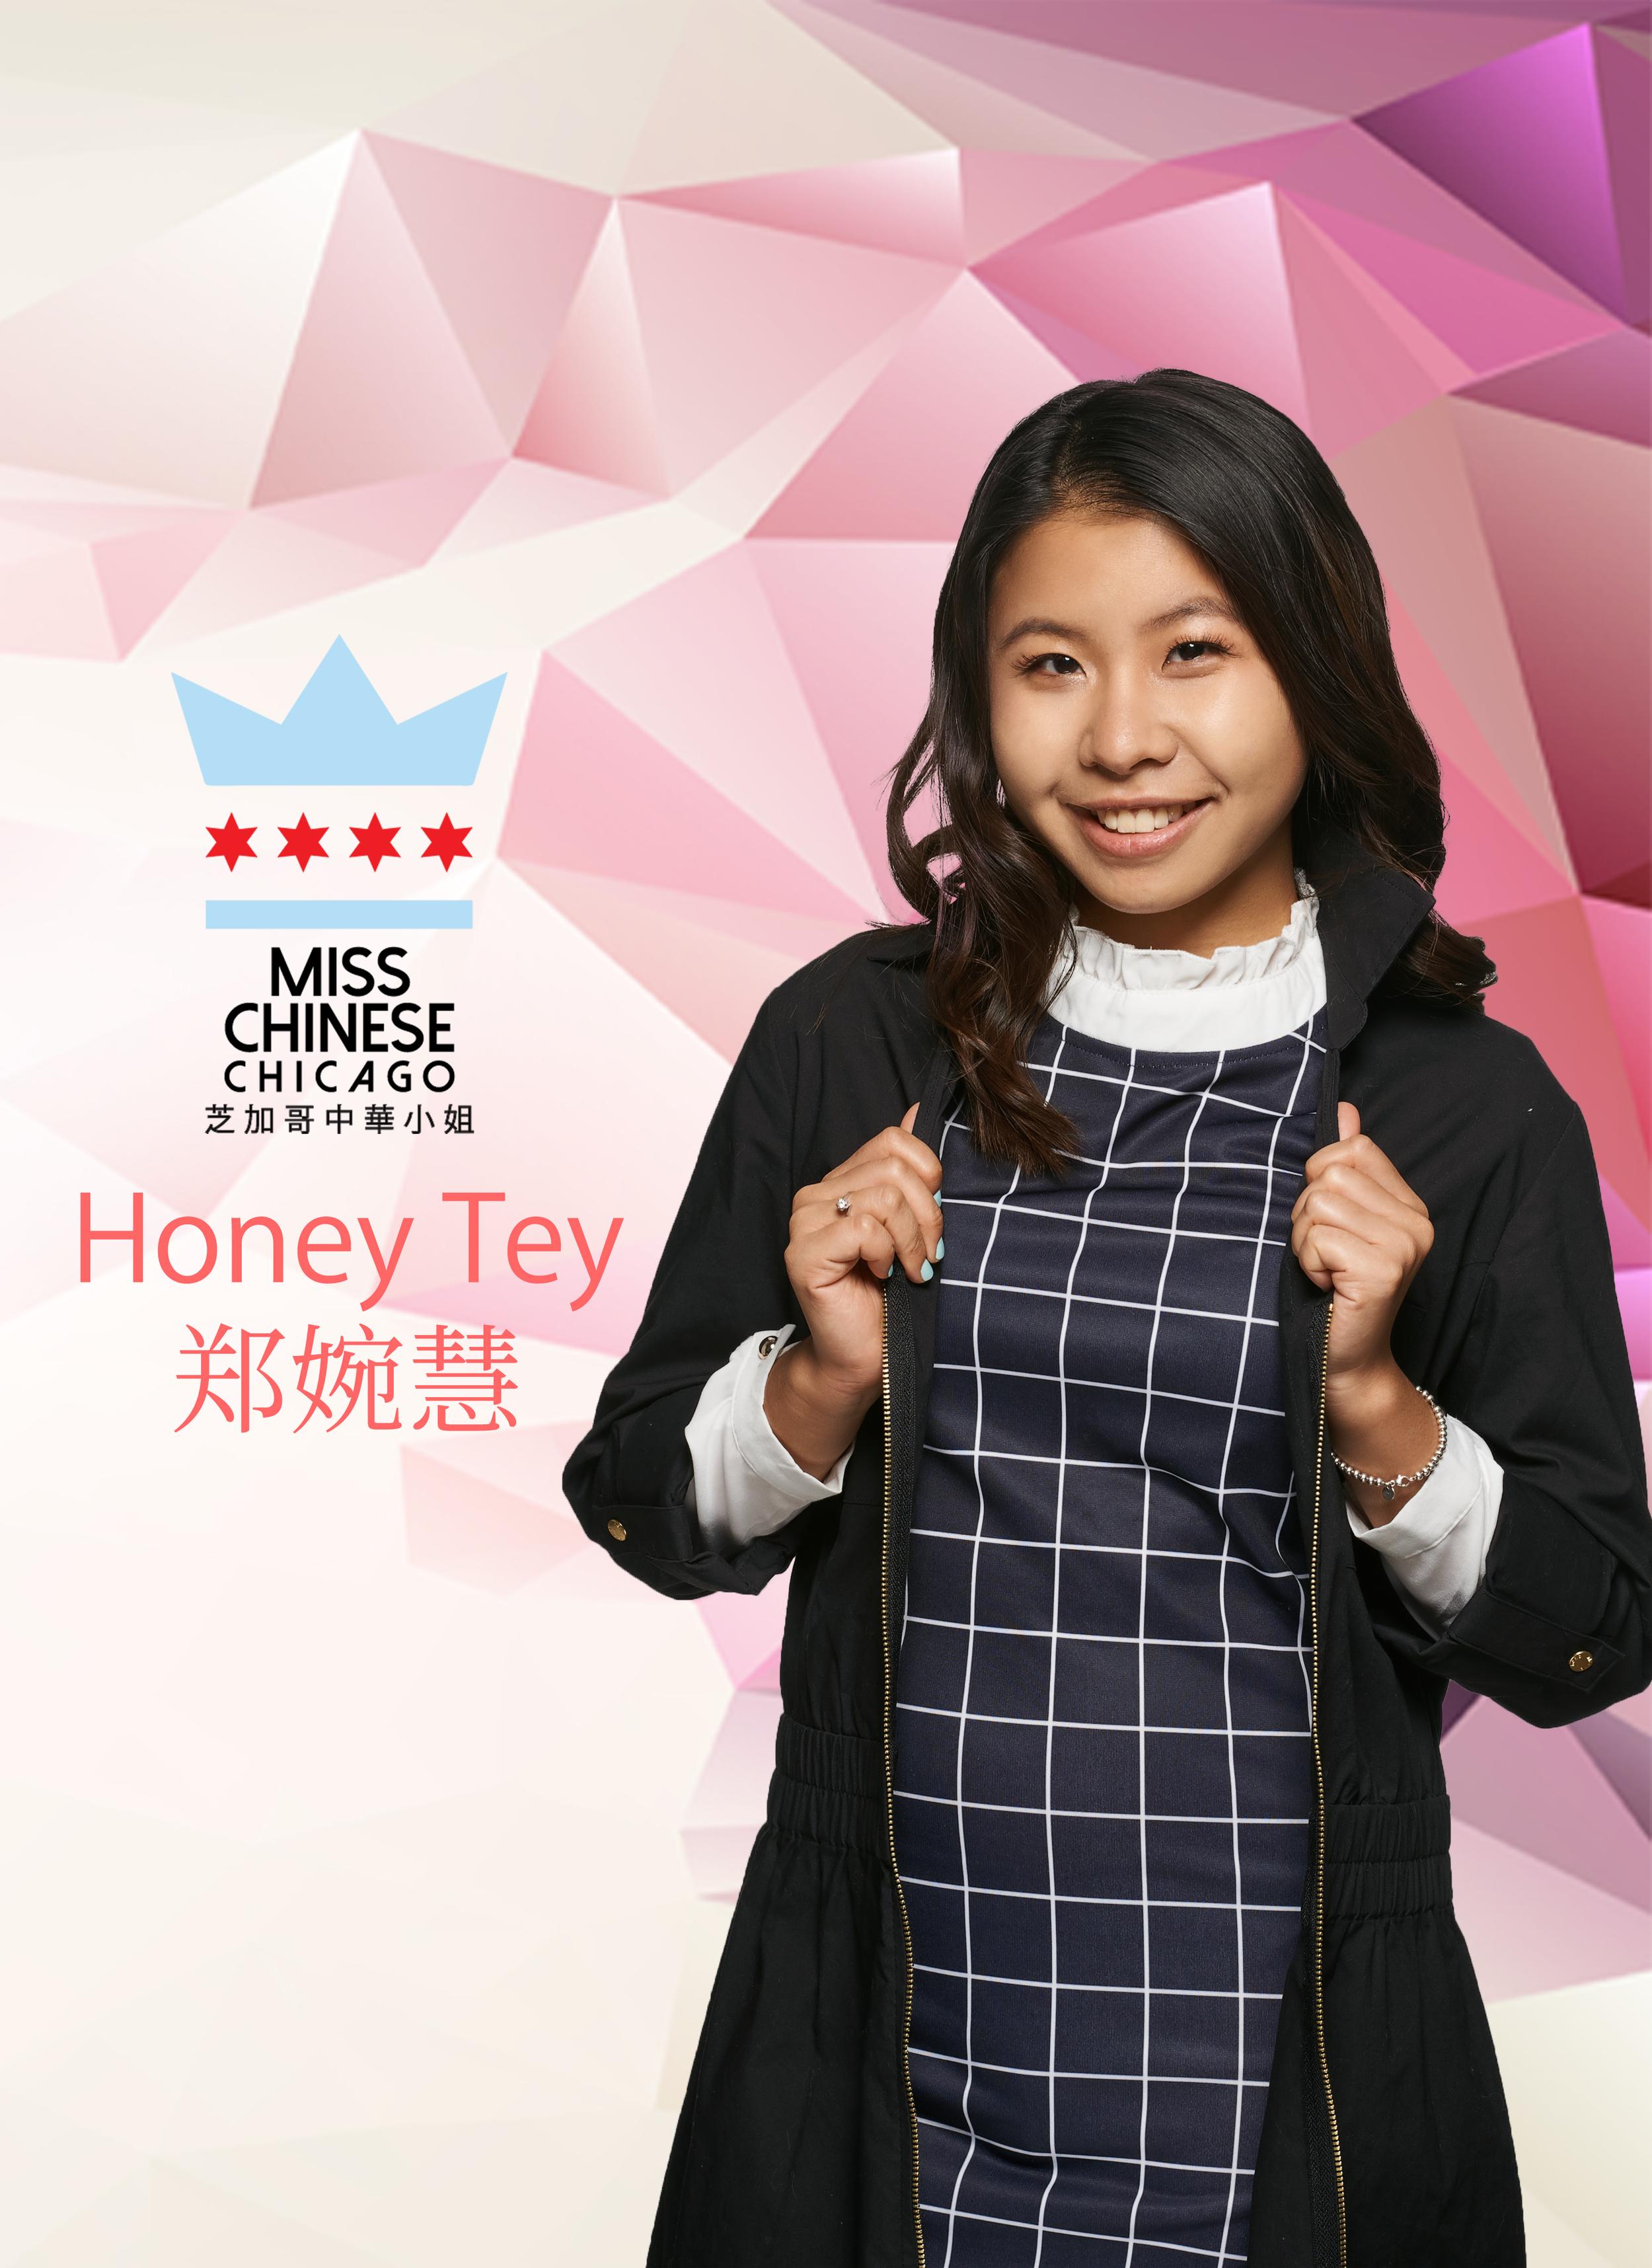 HoneyTey_MissChineseChicago2018.jpg